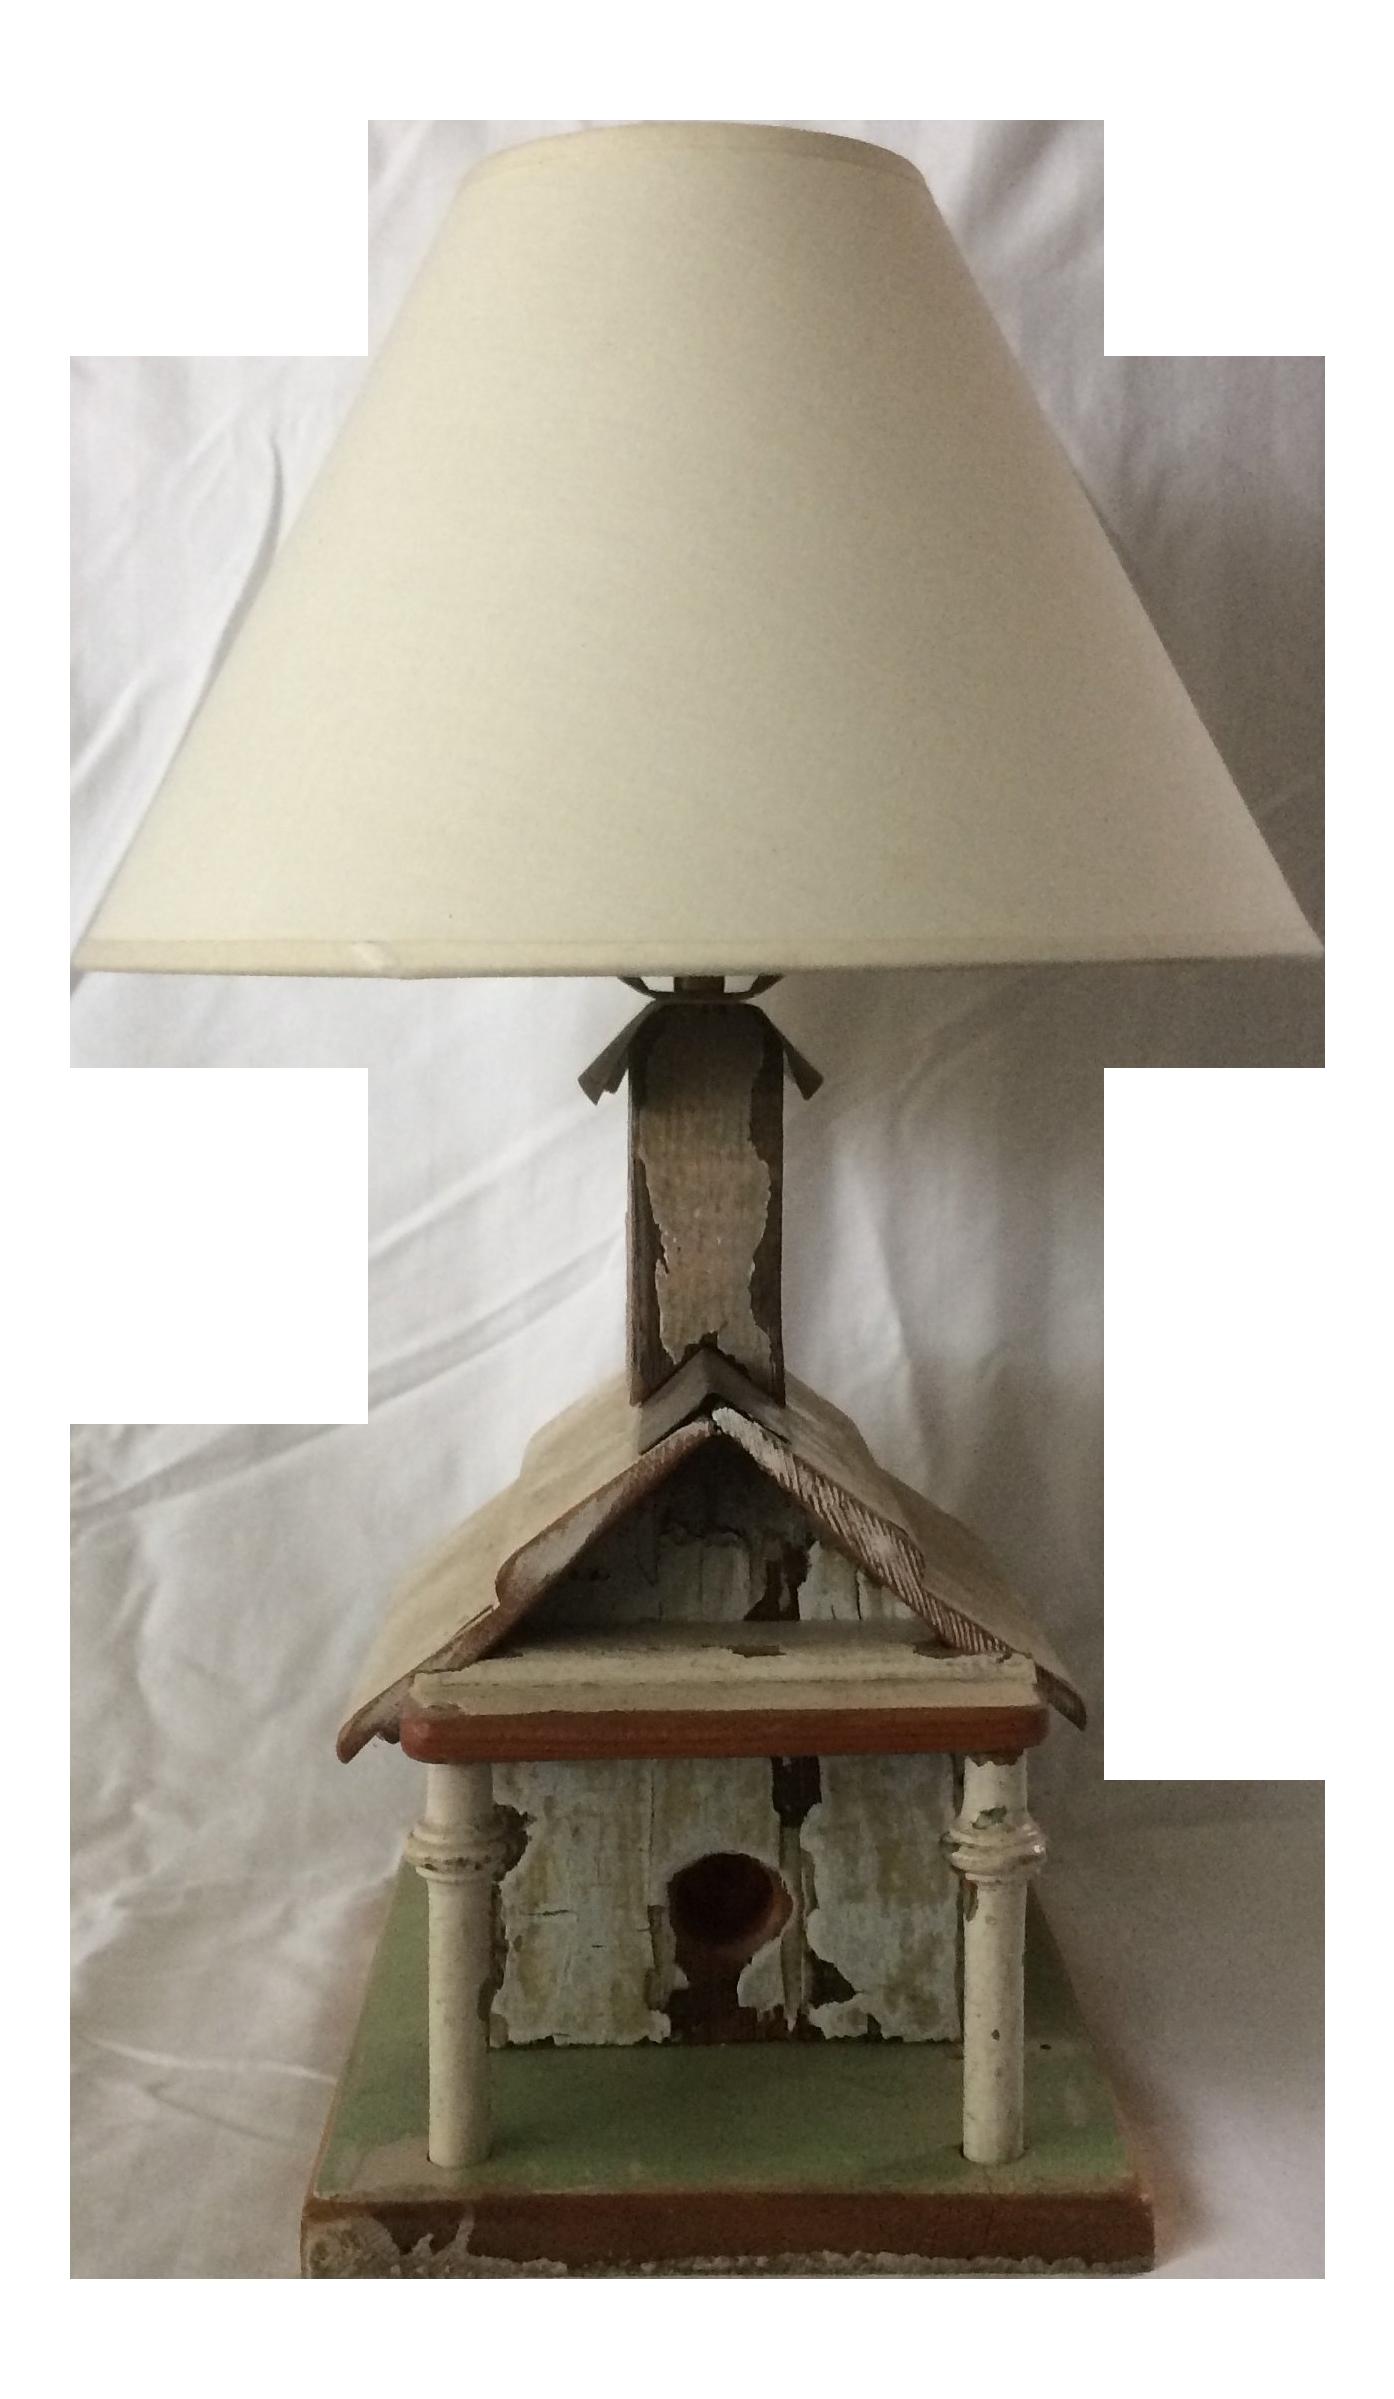 Vintage Table Folk Bird House Lamp Eh9wdi2 Art Side NnOymv8P0w